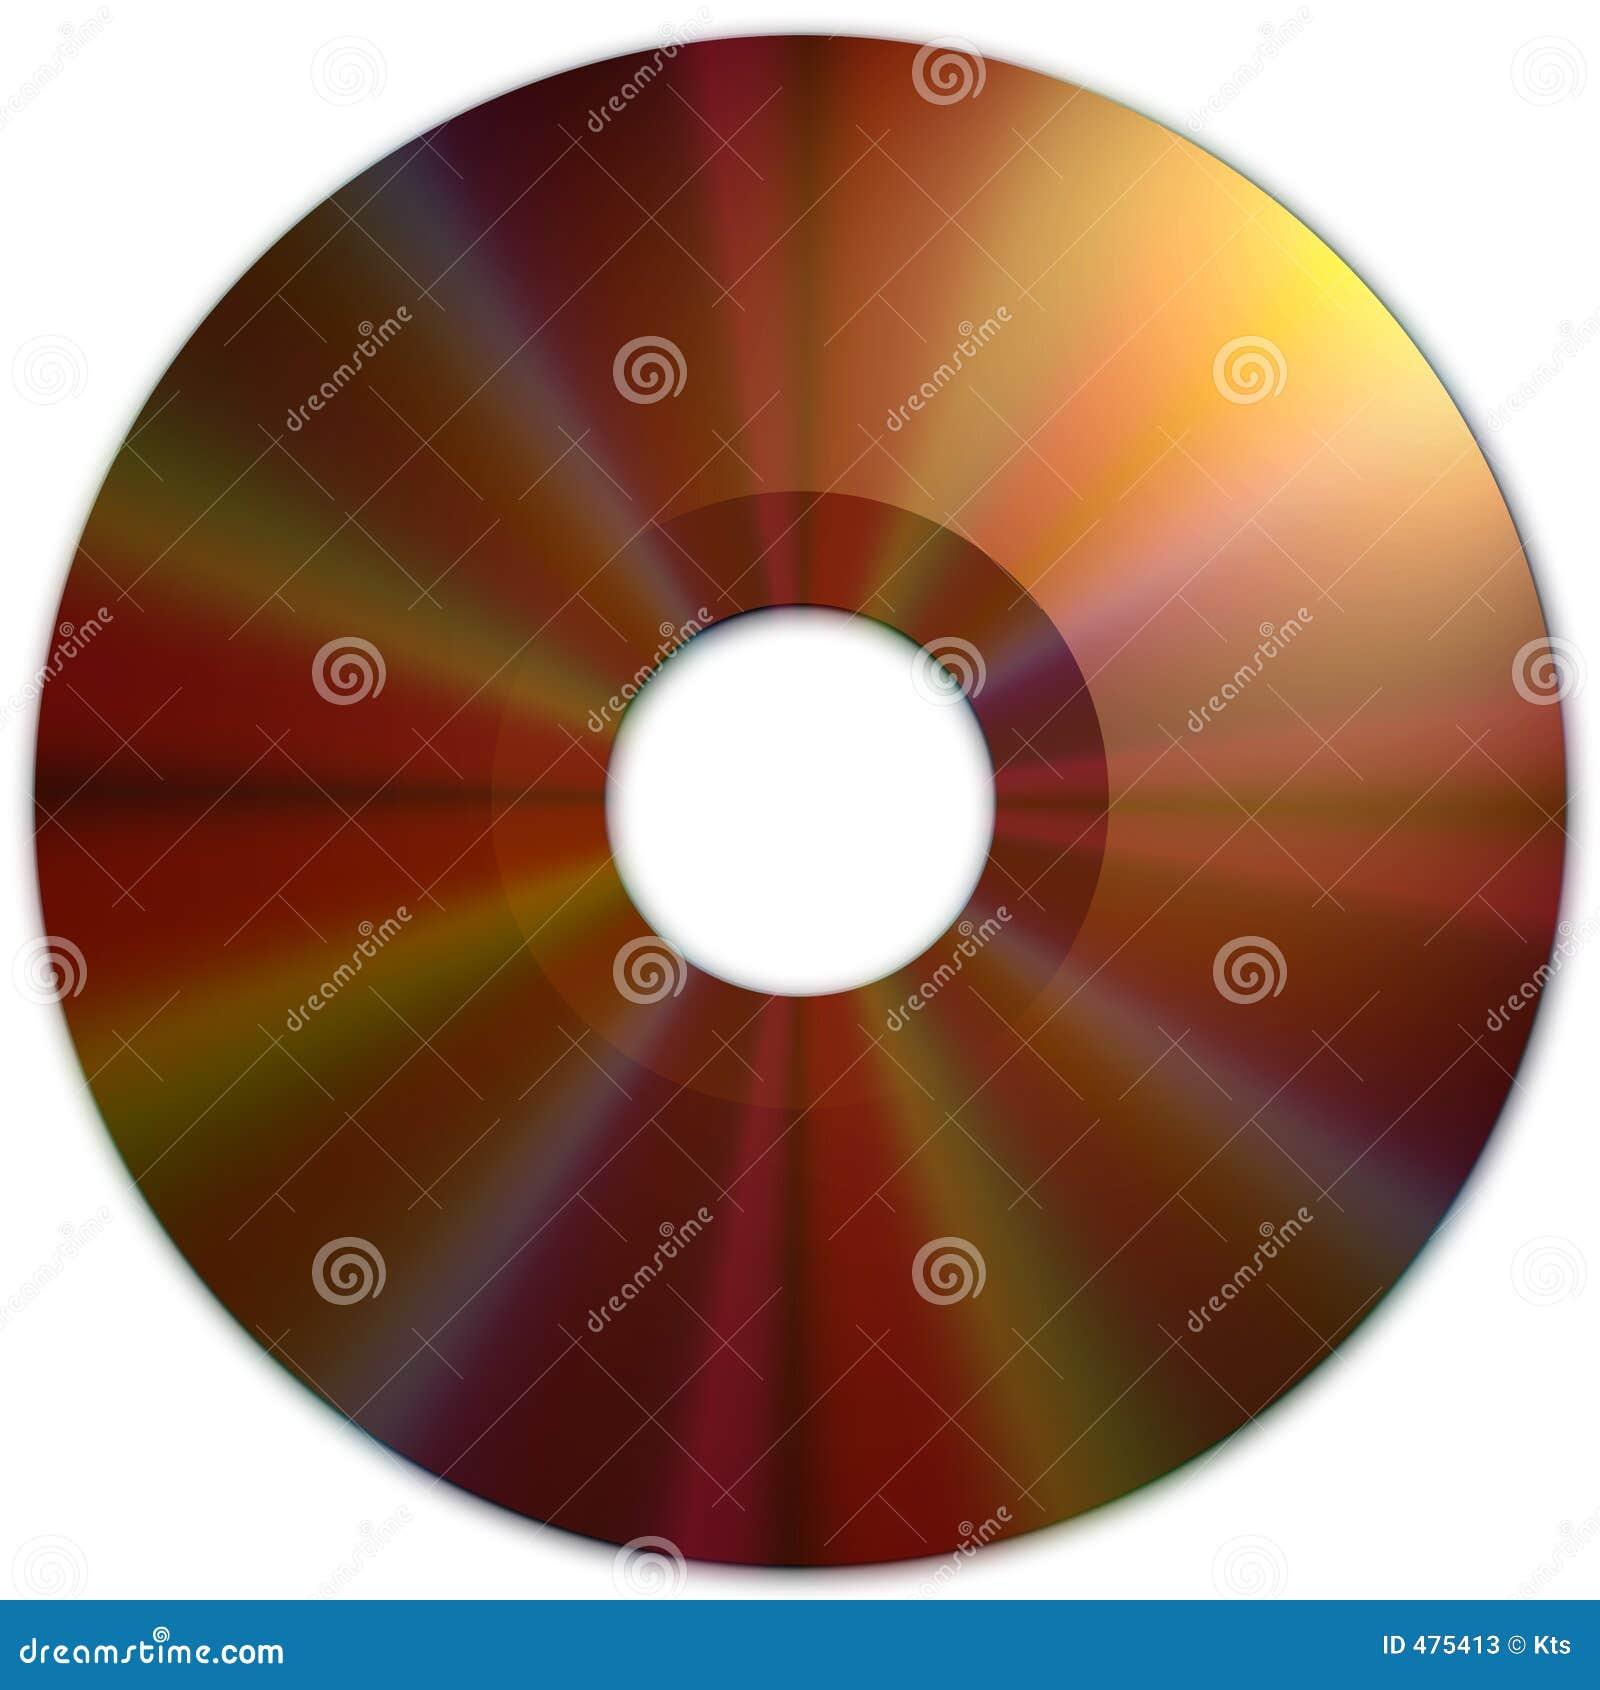 Texture CD (medias foncés)